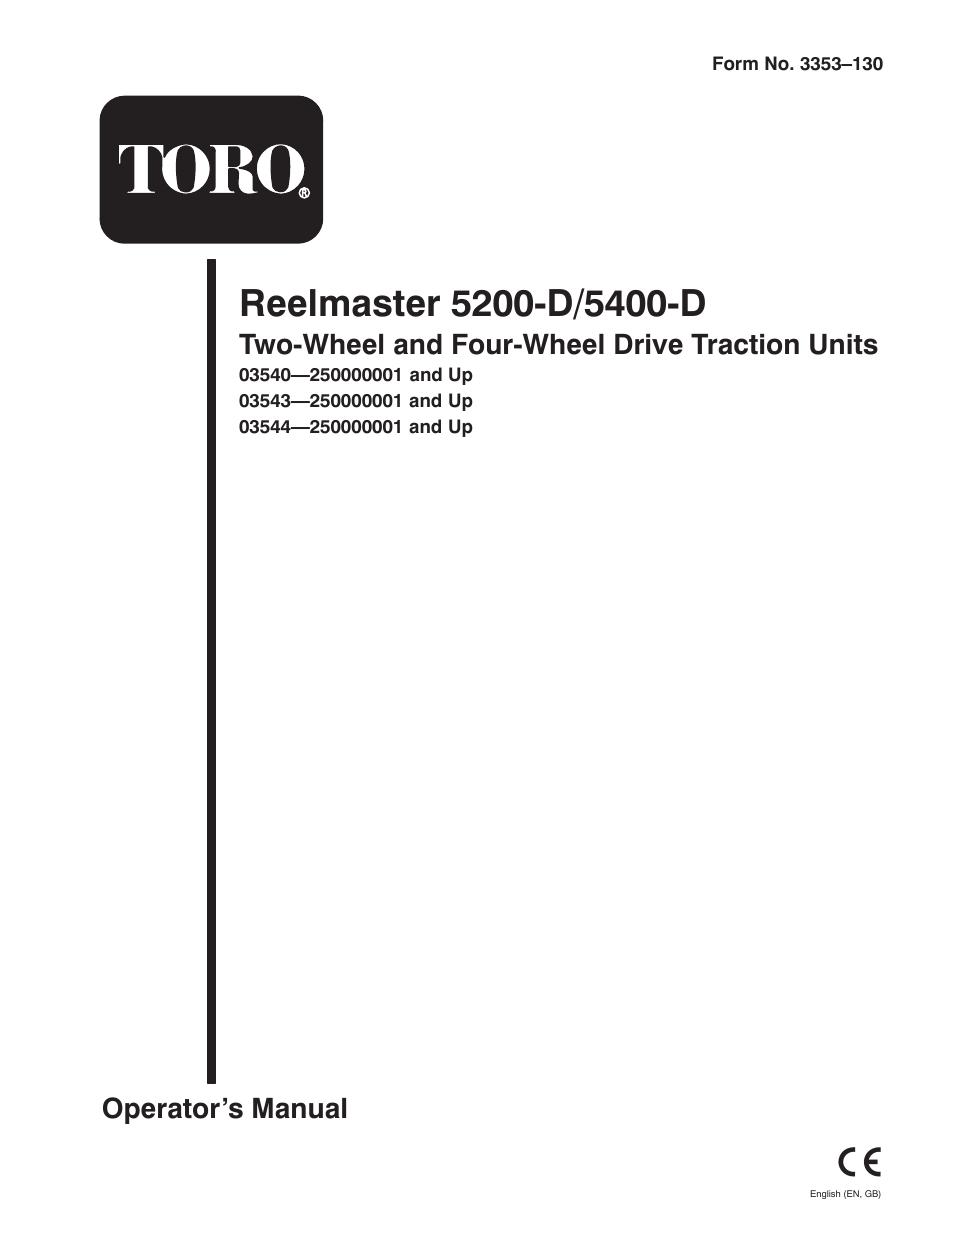 toro reelmaster manual ebook on